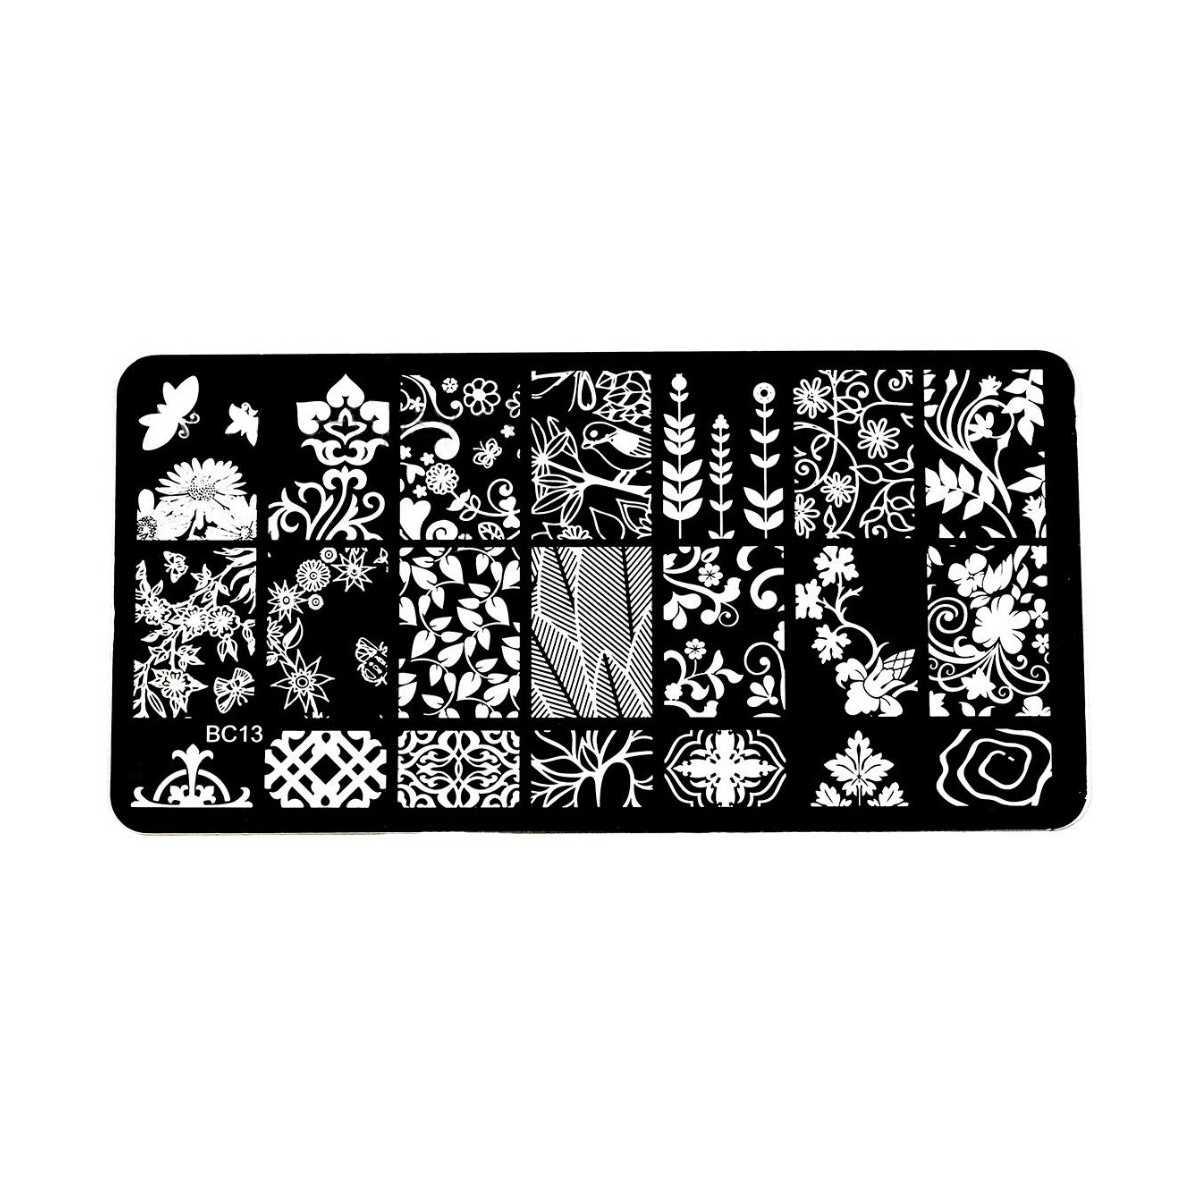 https://www.kit-manucure.com/1620-thickbox_default/plaque-de-stamping-fleur-feuillage-et-oiseau-bc13.jpg